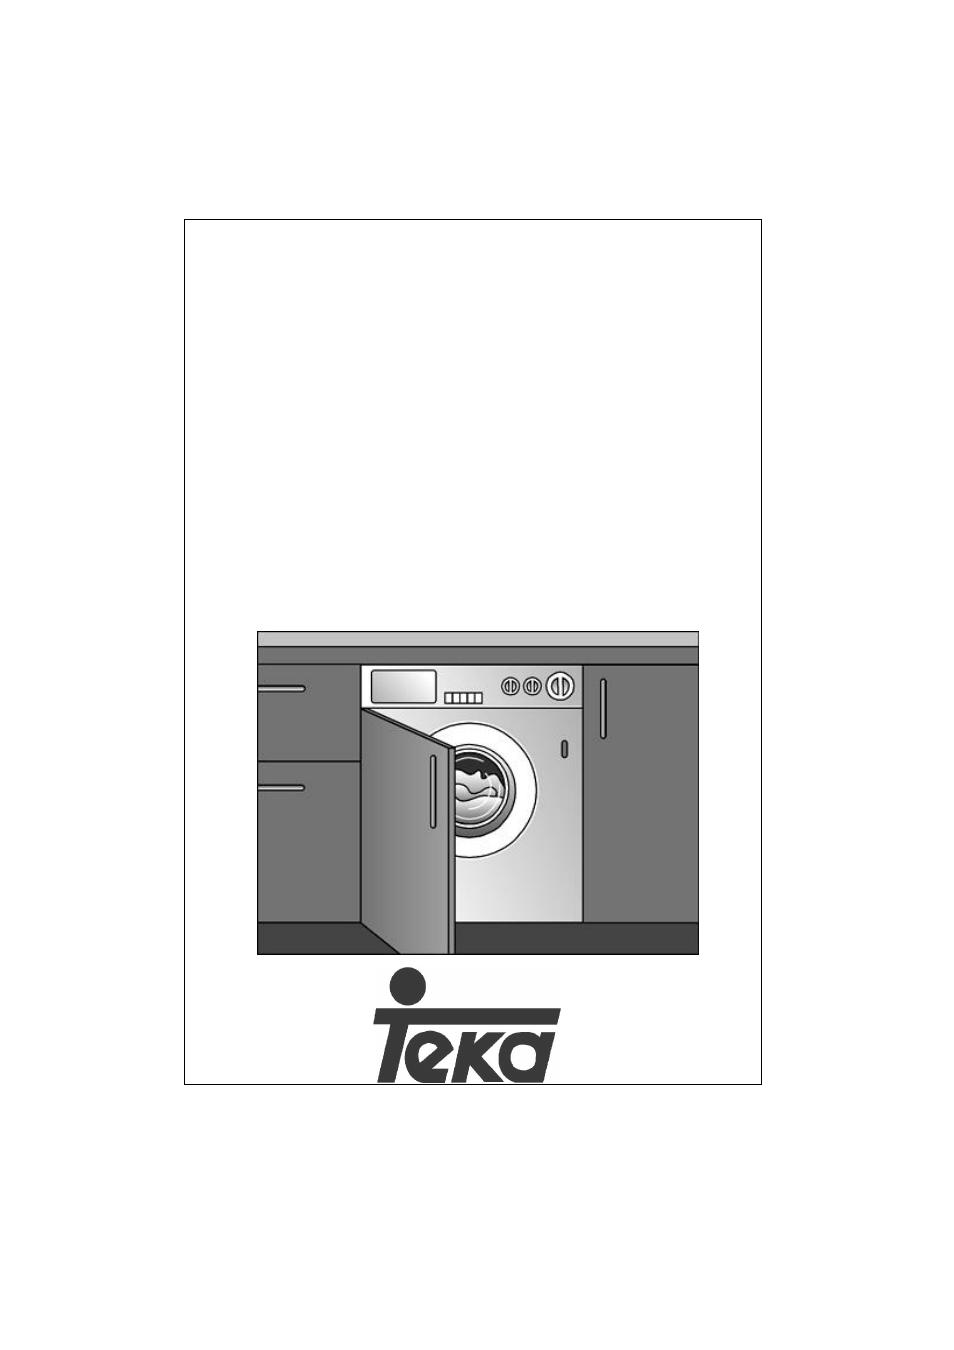 Teka Tkx1 1000 T Manual Del Usuario Pginas 61 Tekaaa